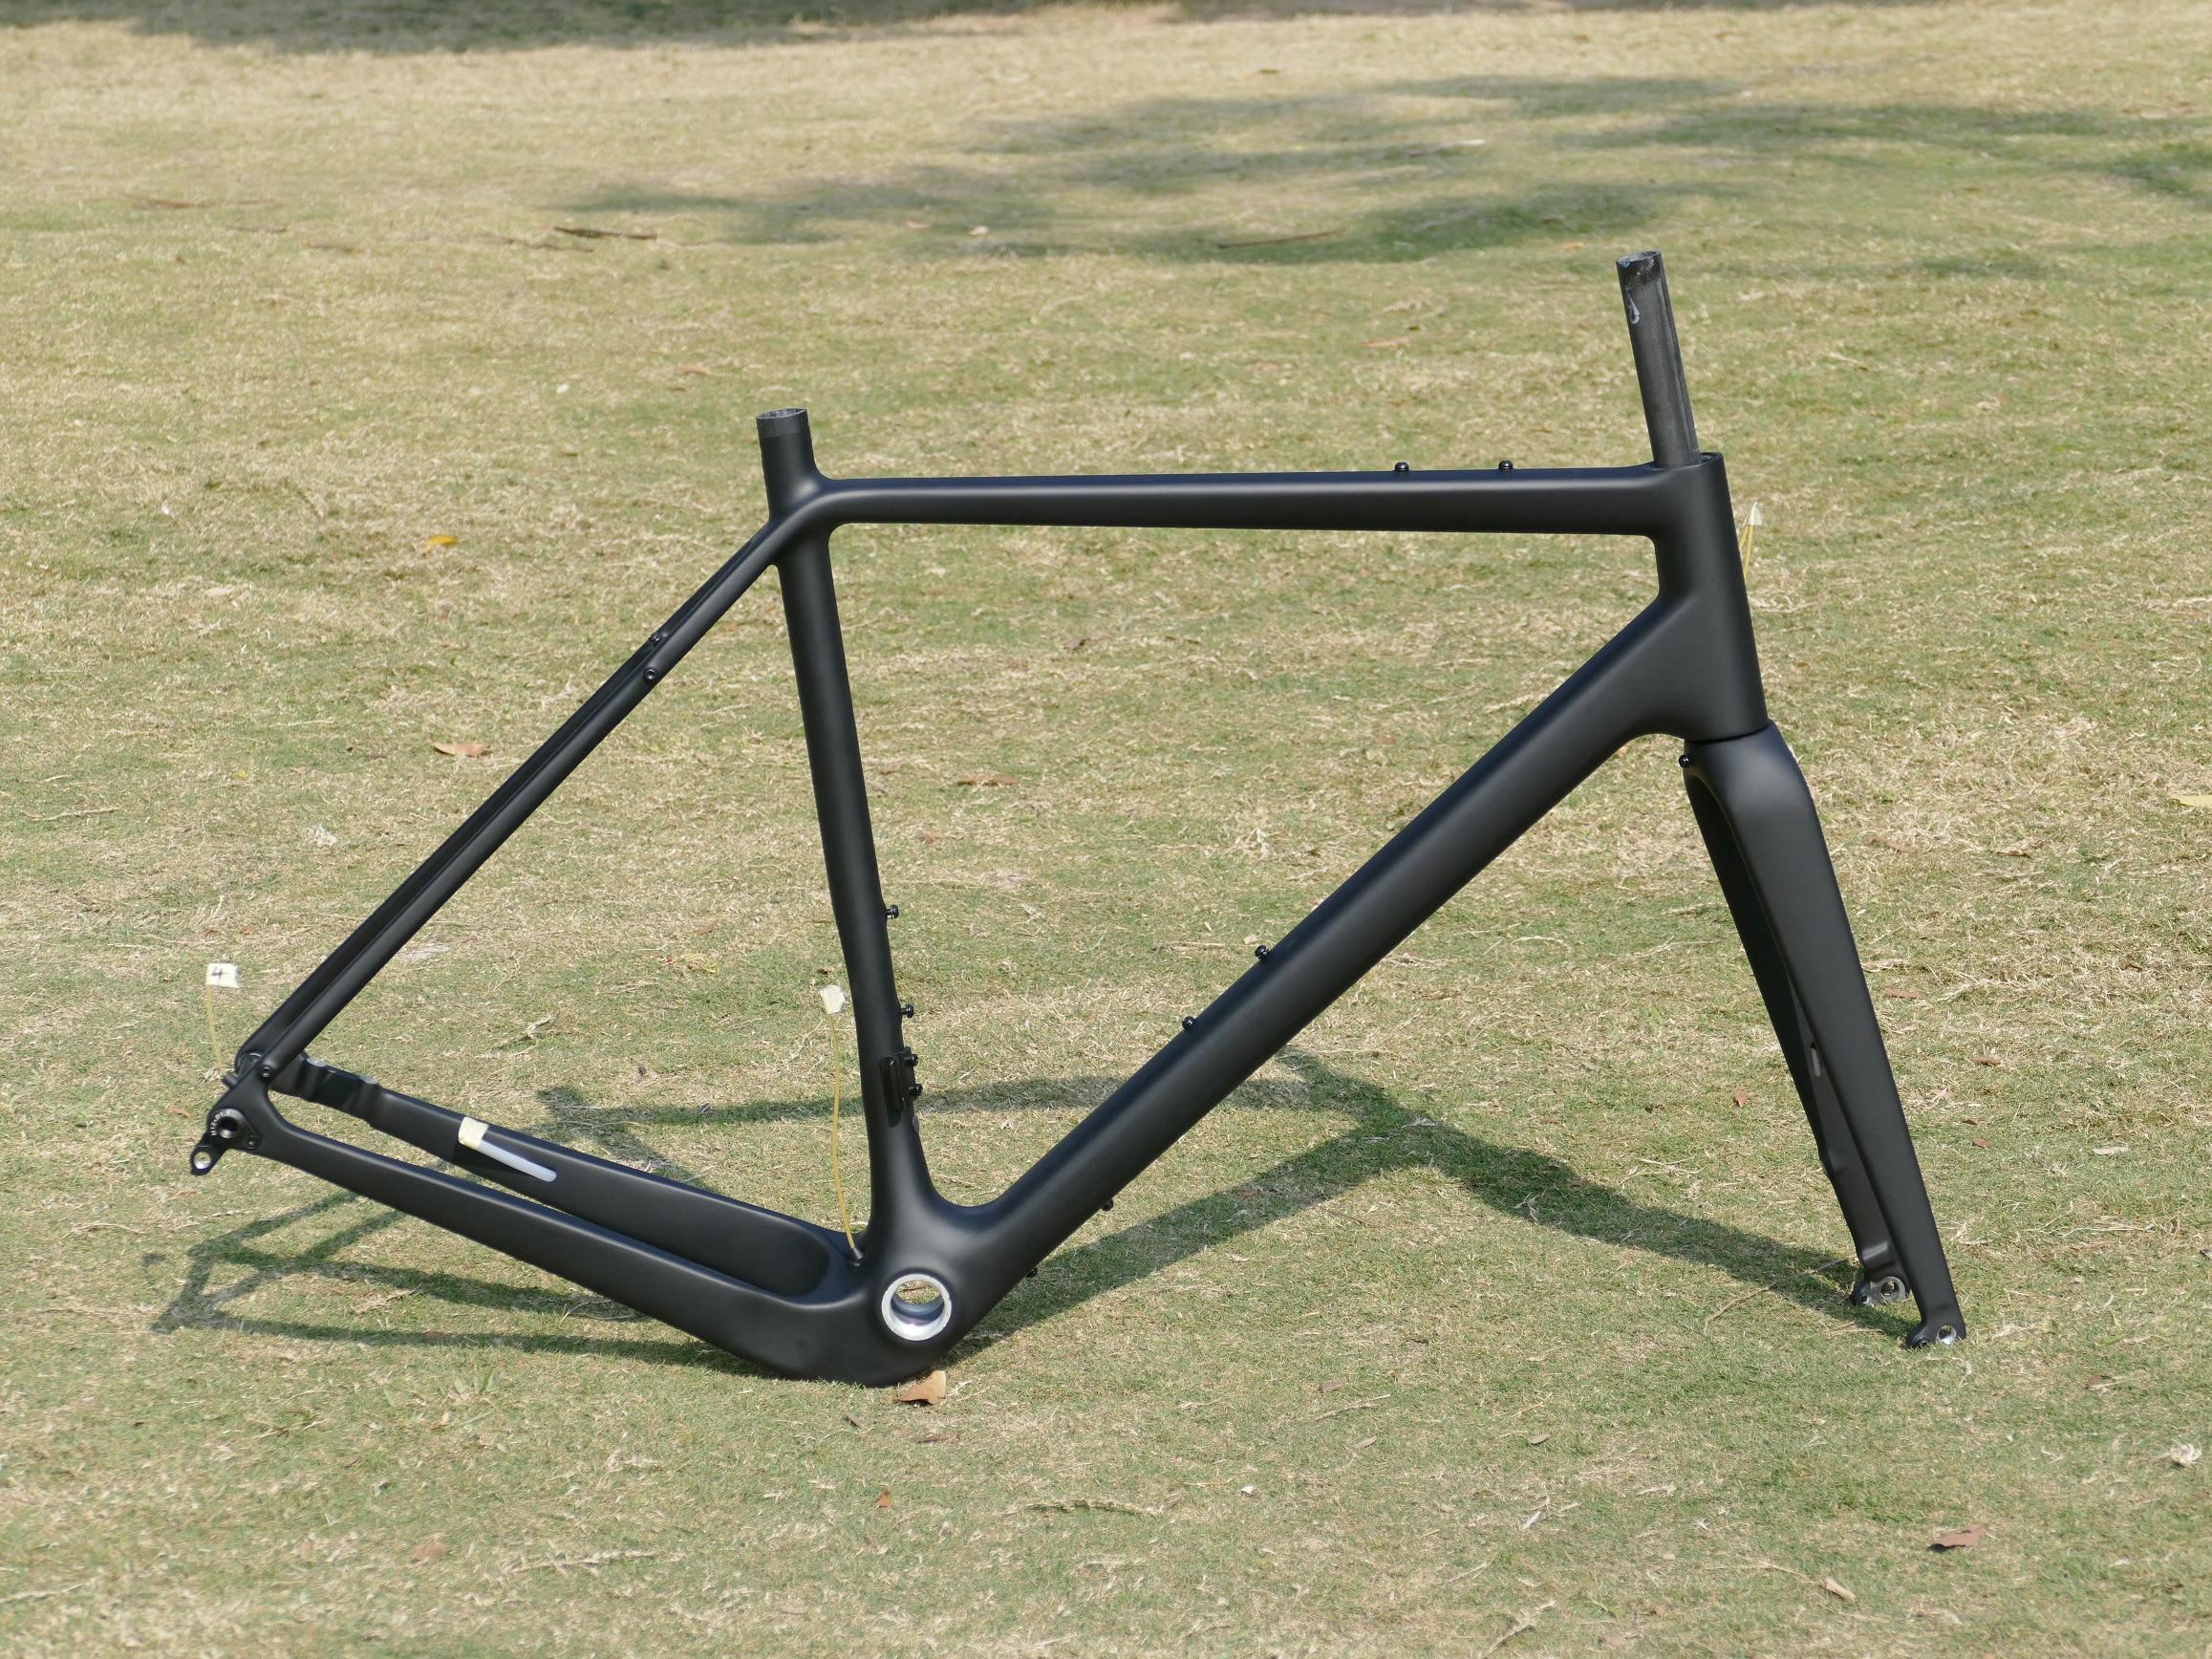 FR-3 углеродный руль UD матовый гравия велосипед Bicyce через ось рама плоское крепление дисковый тормоз вилка 49 см 52 см, 54 см, 56 см, 58 см, 61 см